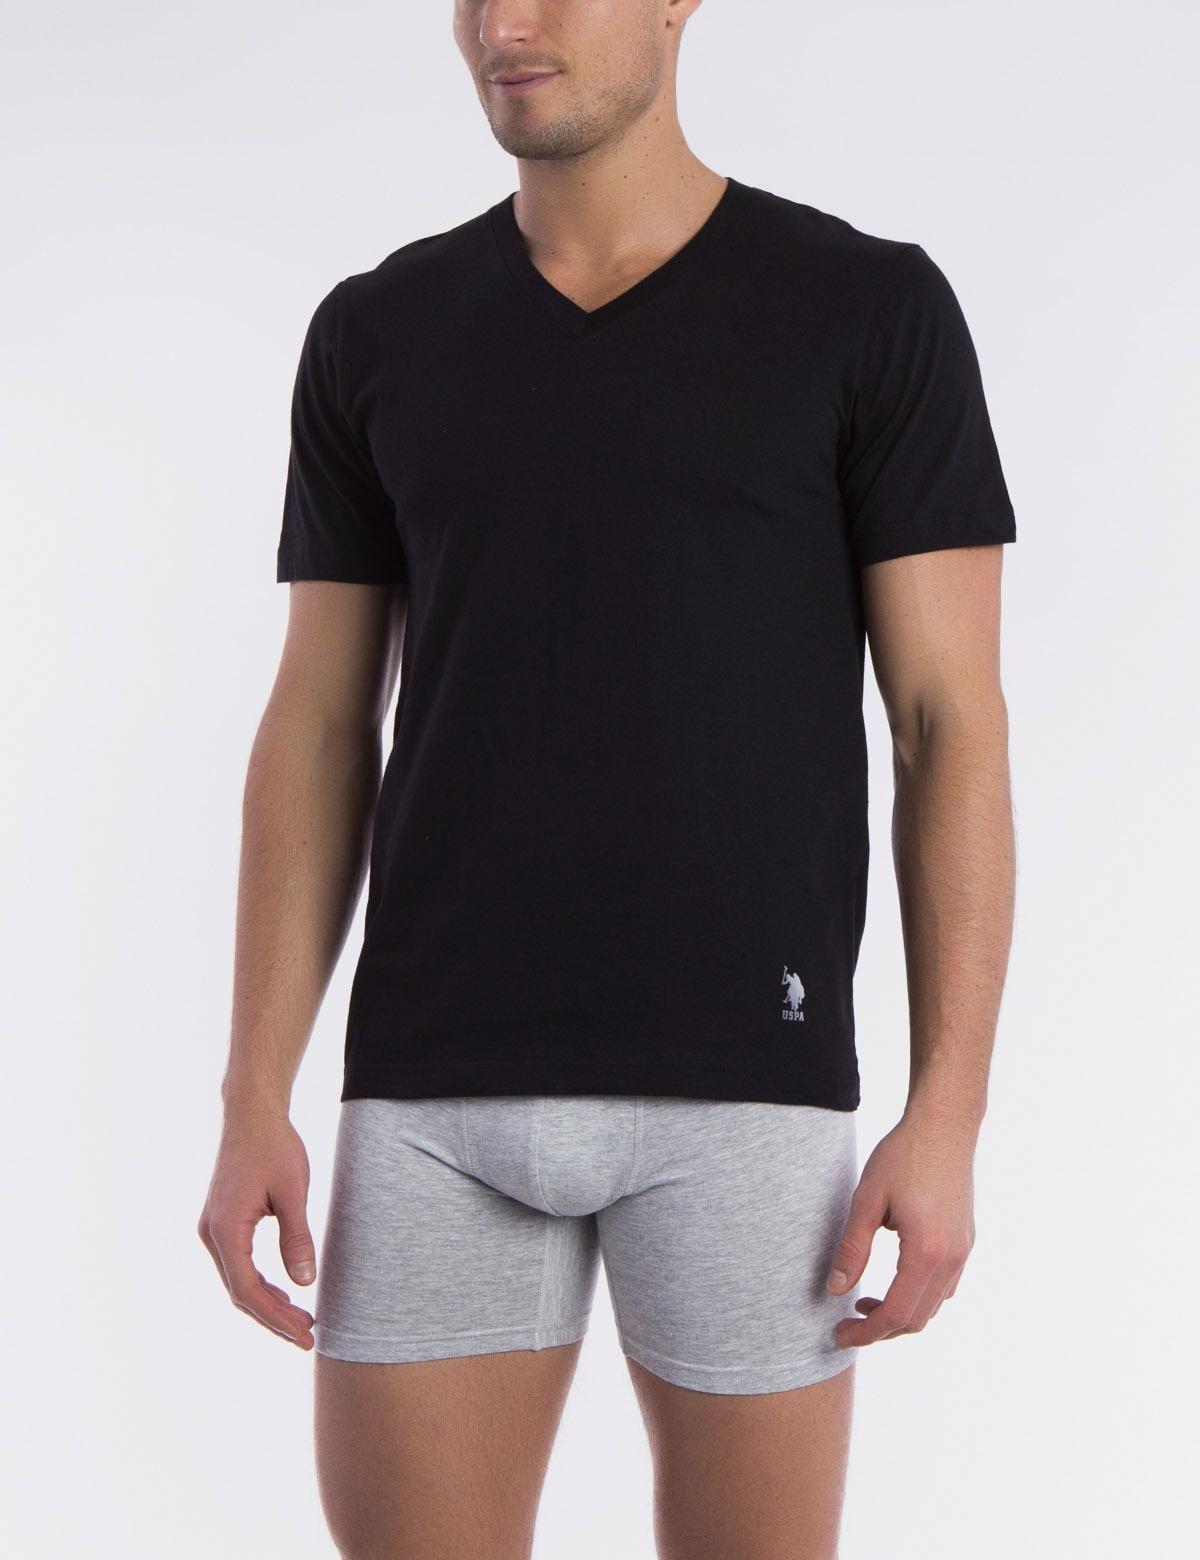 ROPA INTERIOR - Camisetas interiores U.S.Polo Association fqcNW3g1go